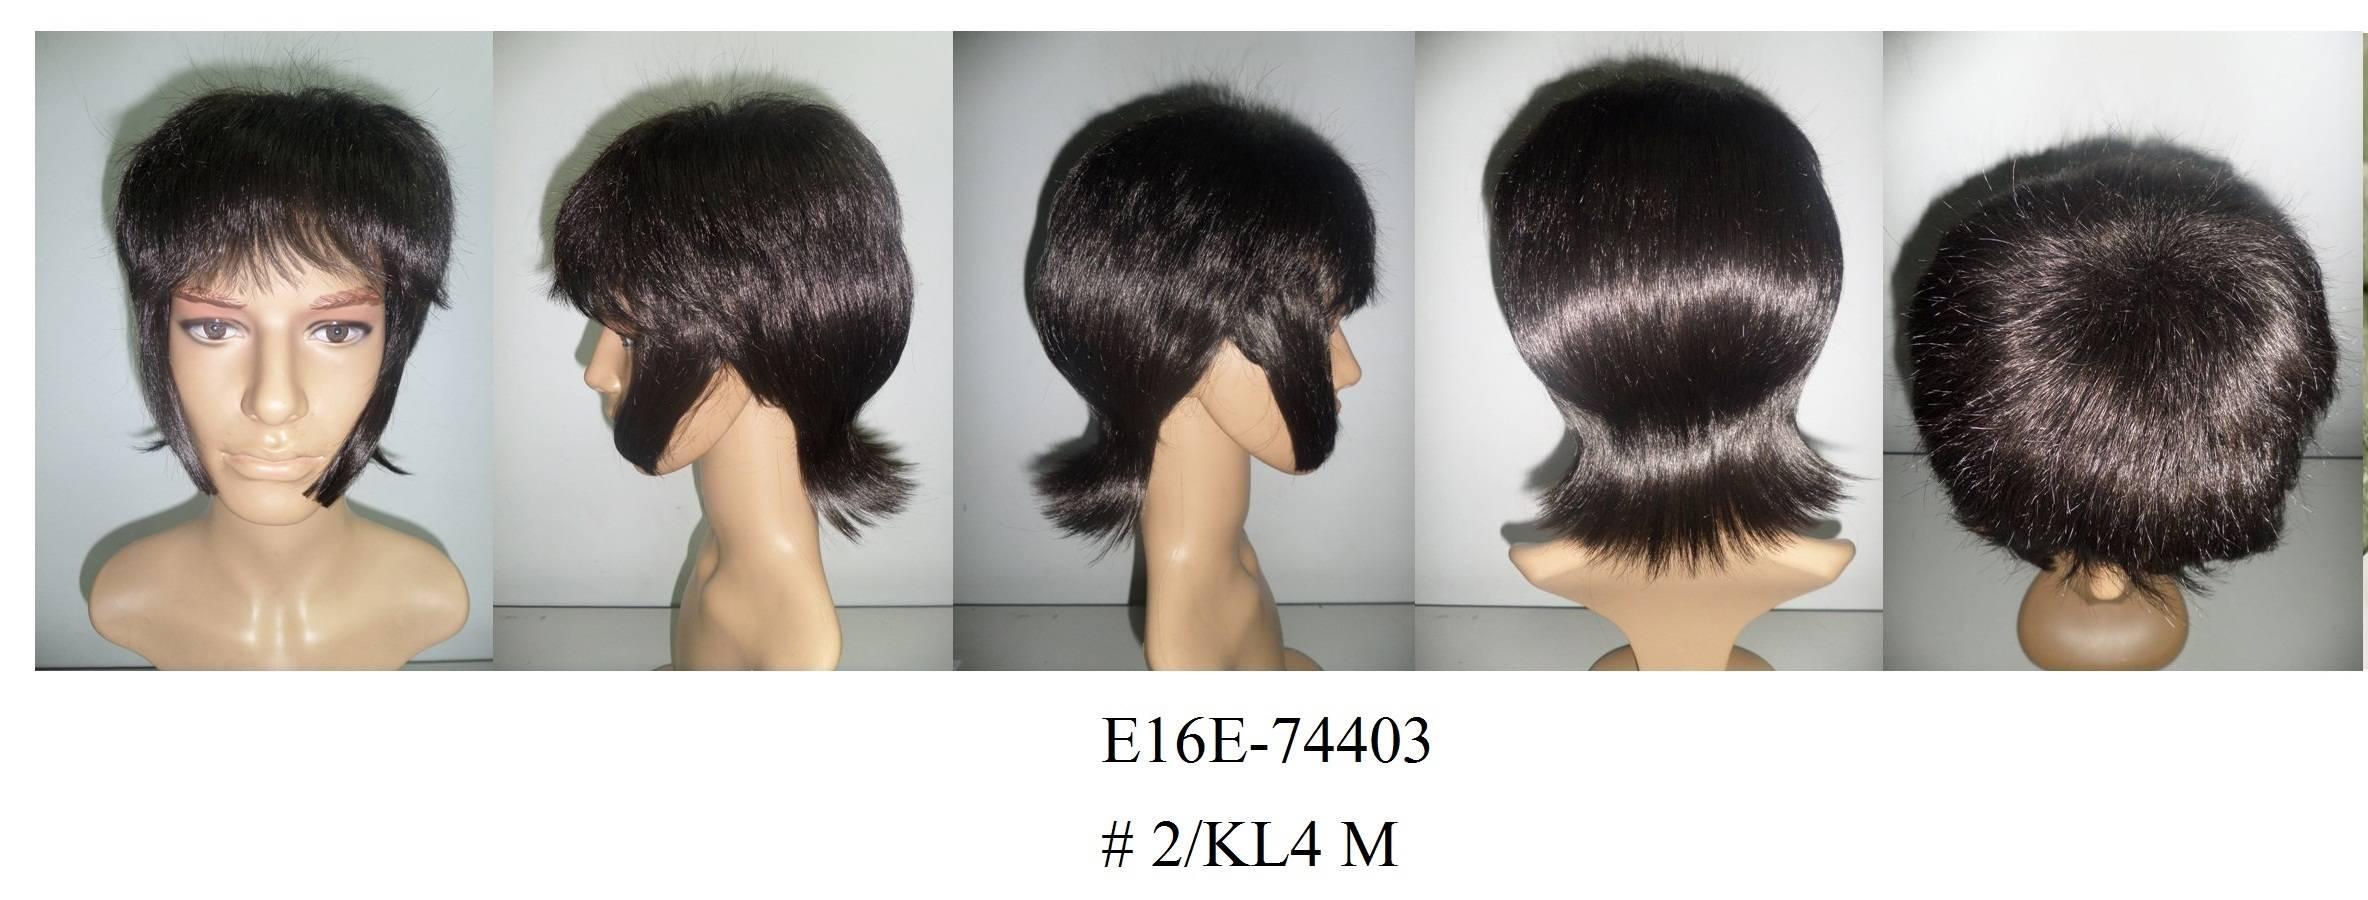 E16E-74403